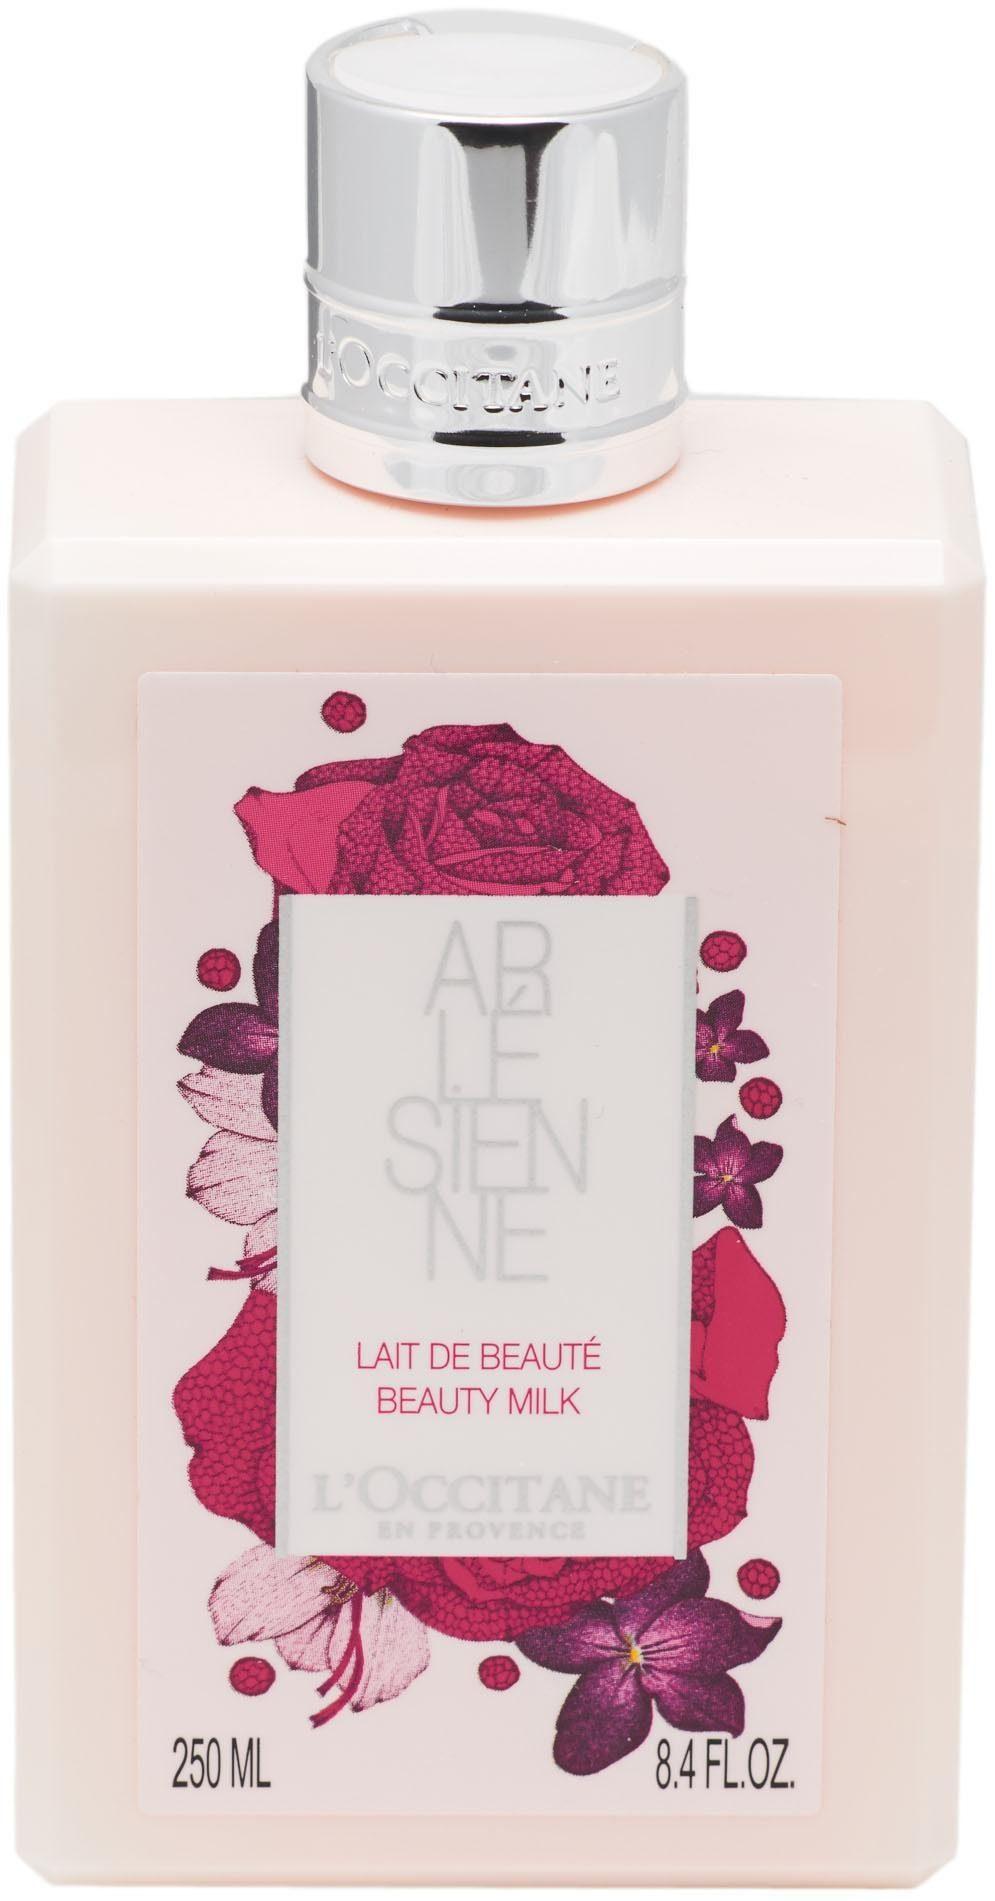 L'OCCITANE, »Arlésienne Lait de Beauté«, Körpermilch